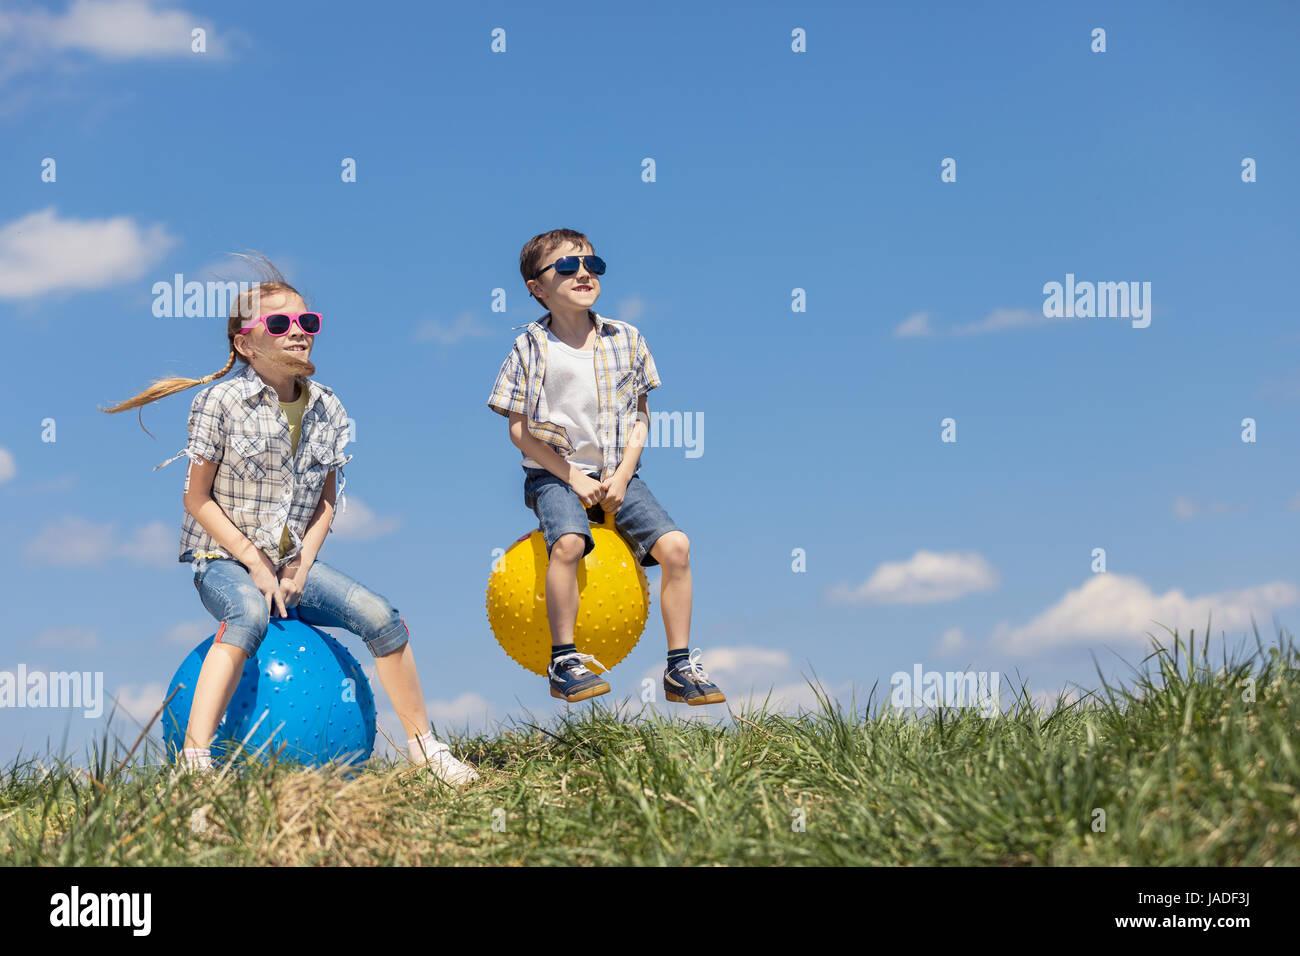 Bruder und Schwester spielen auf dem Feld in der Tageszeit. Kinder haben Spaß im Freien. Sie springen auf aufblasbaren Stockfoto